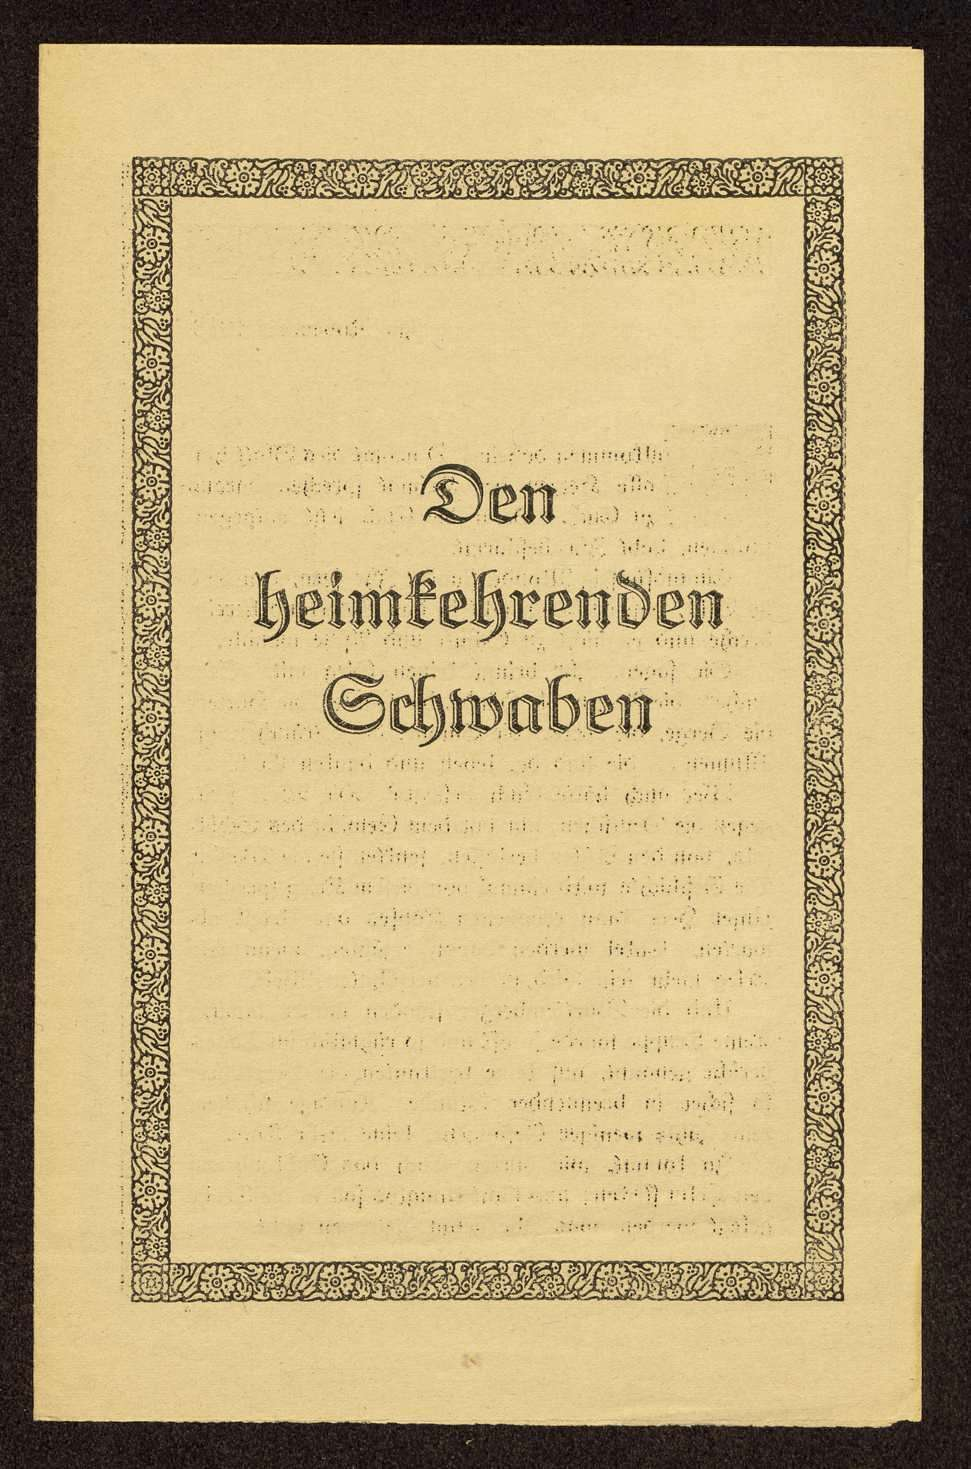 """Aufruf des württembergischen Arbeitsministeriums """"Den heimkehrenden Schwaben"""", Bild 1"""